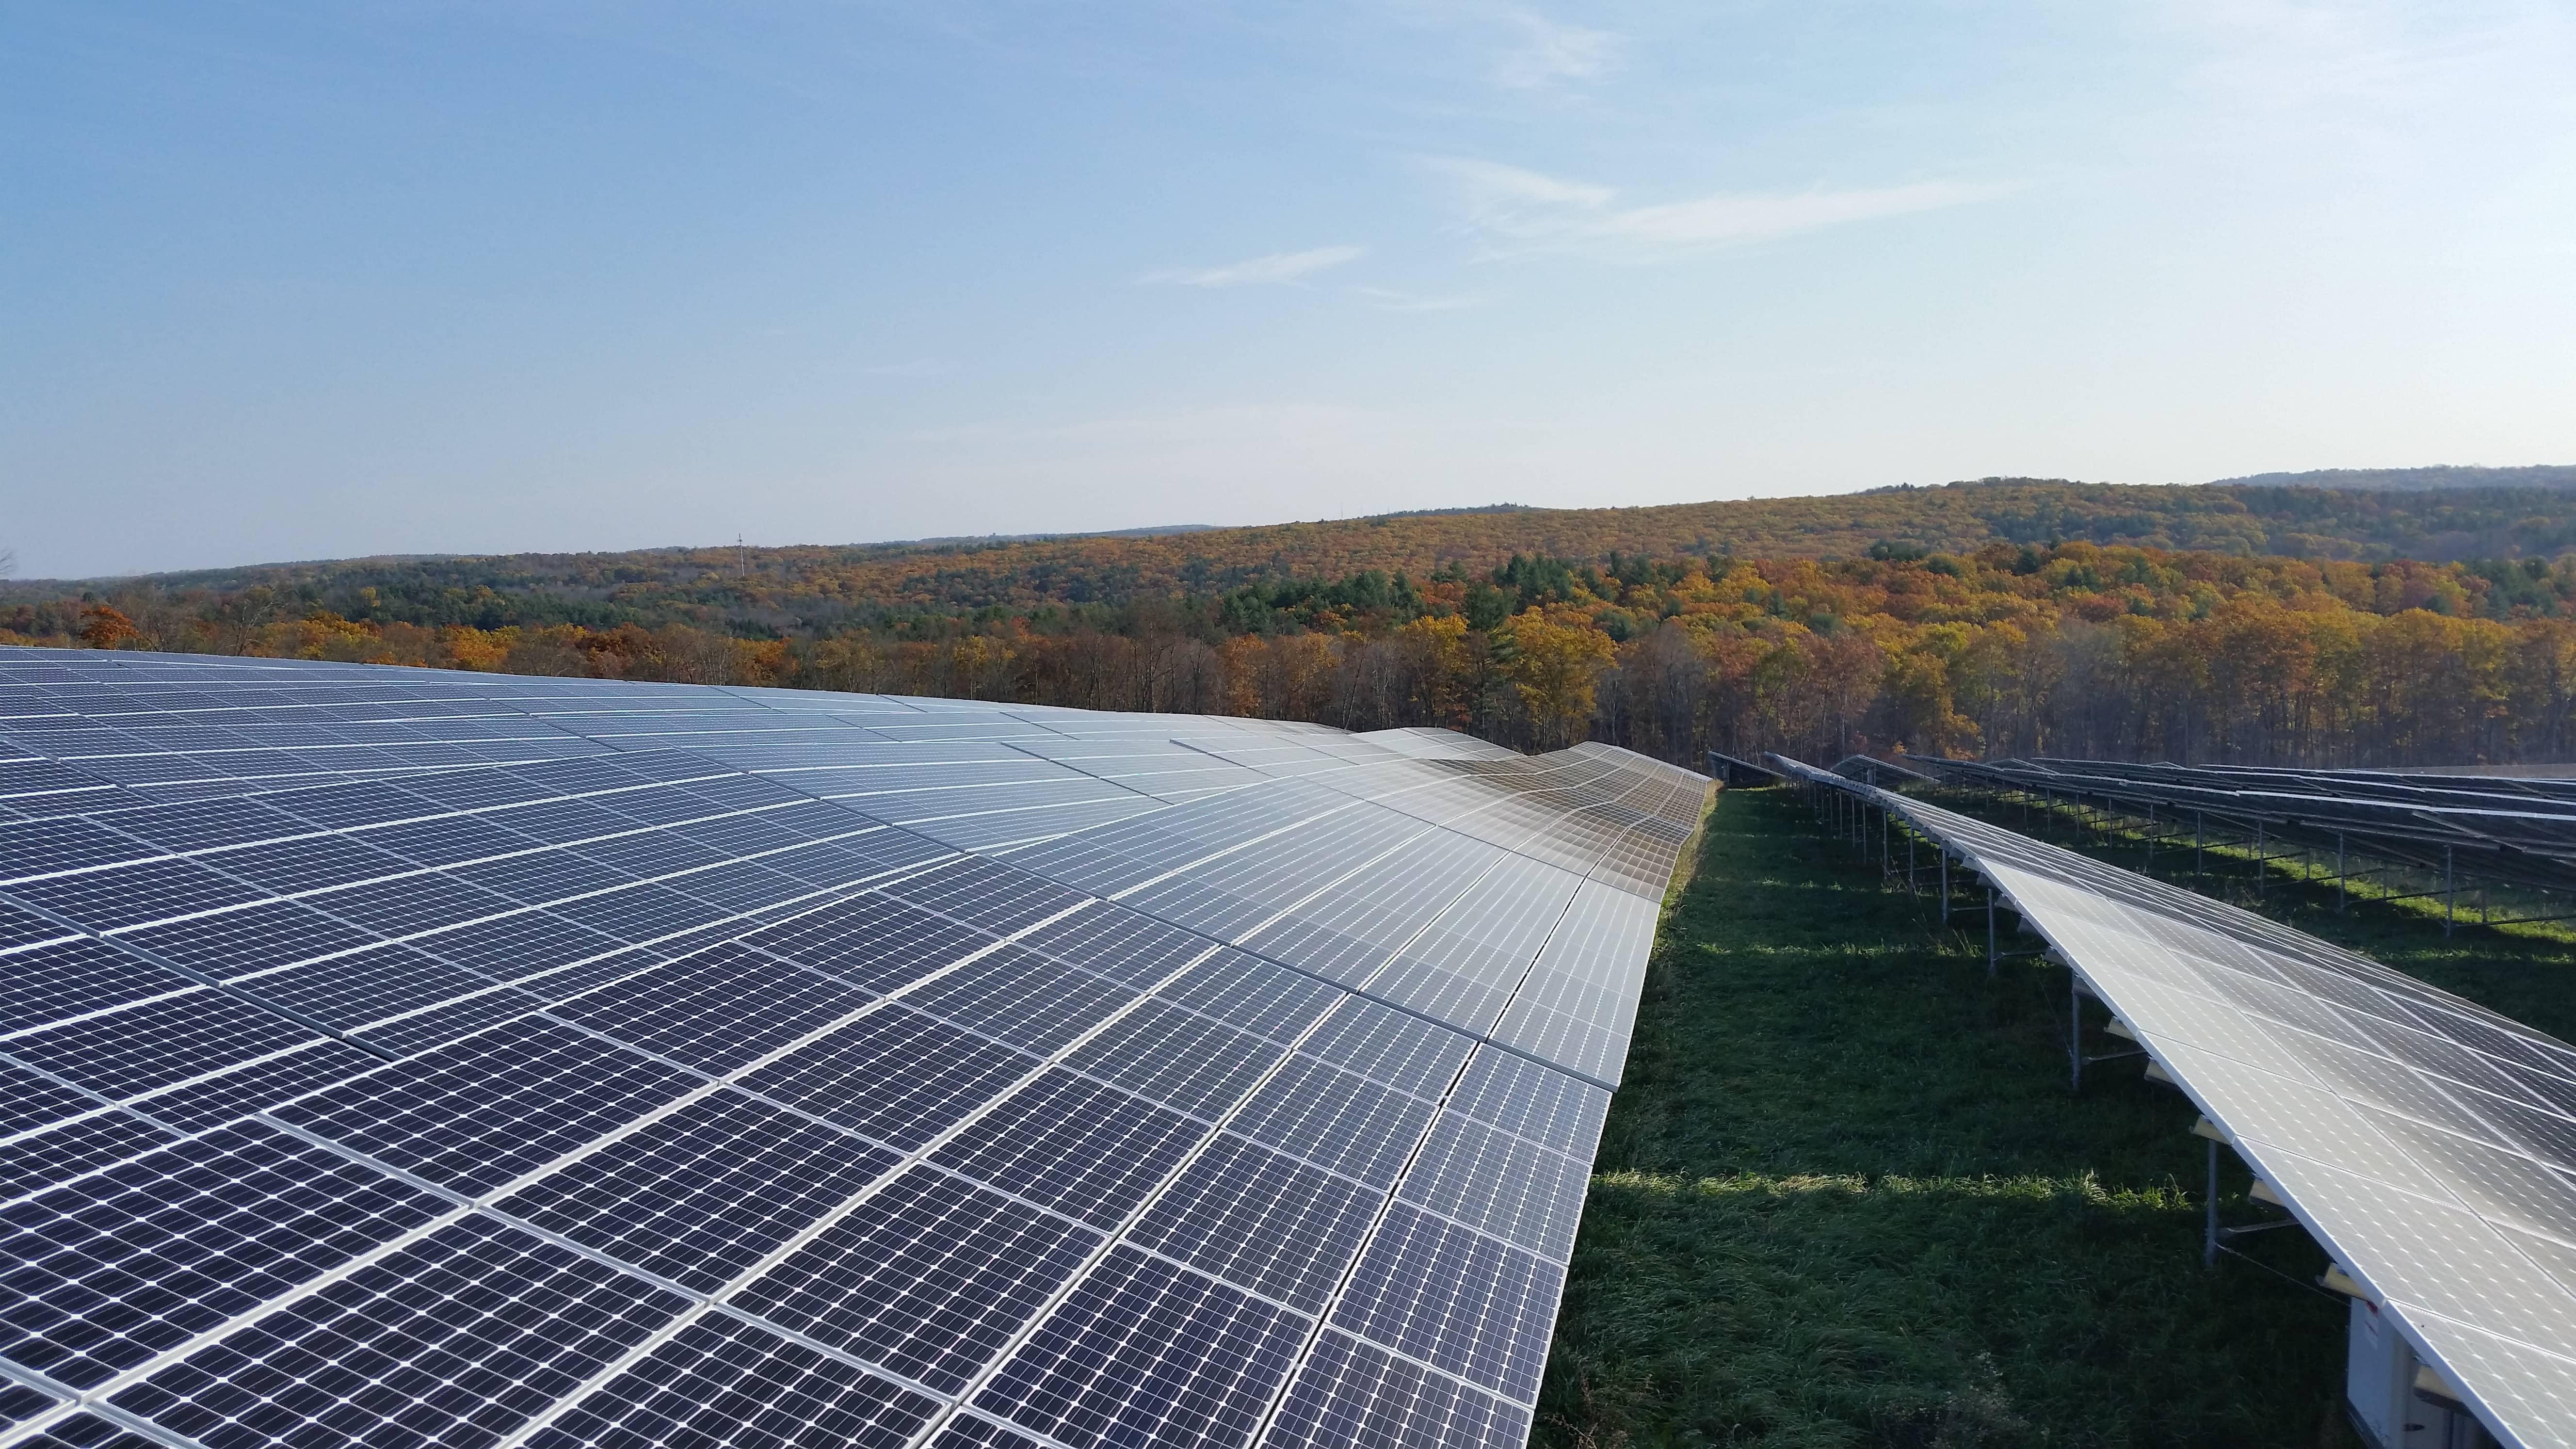 Nrg Flips The Switch On Massachusetts Community Solar